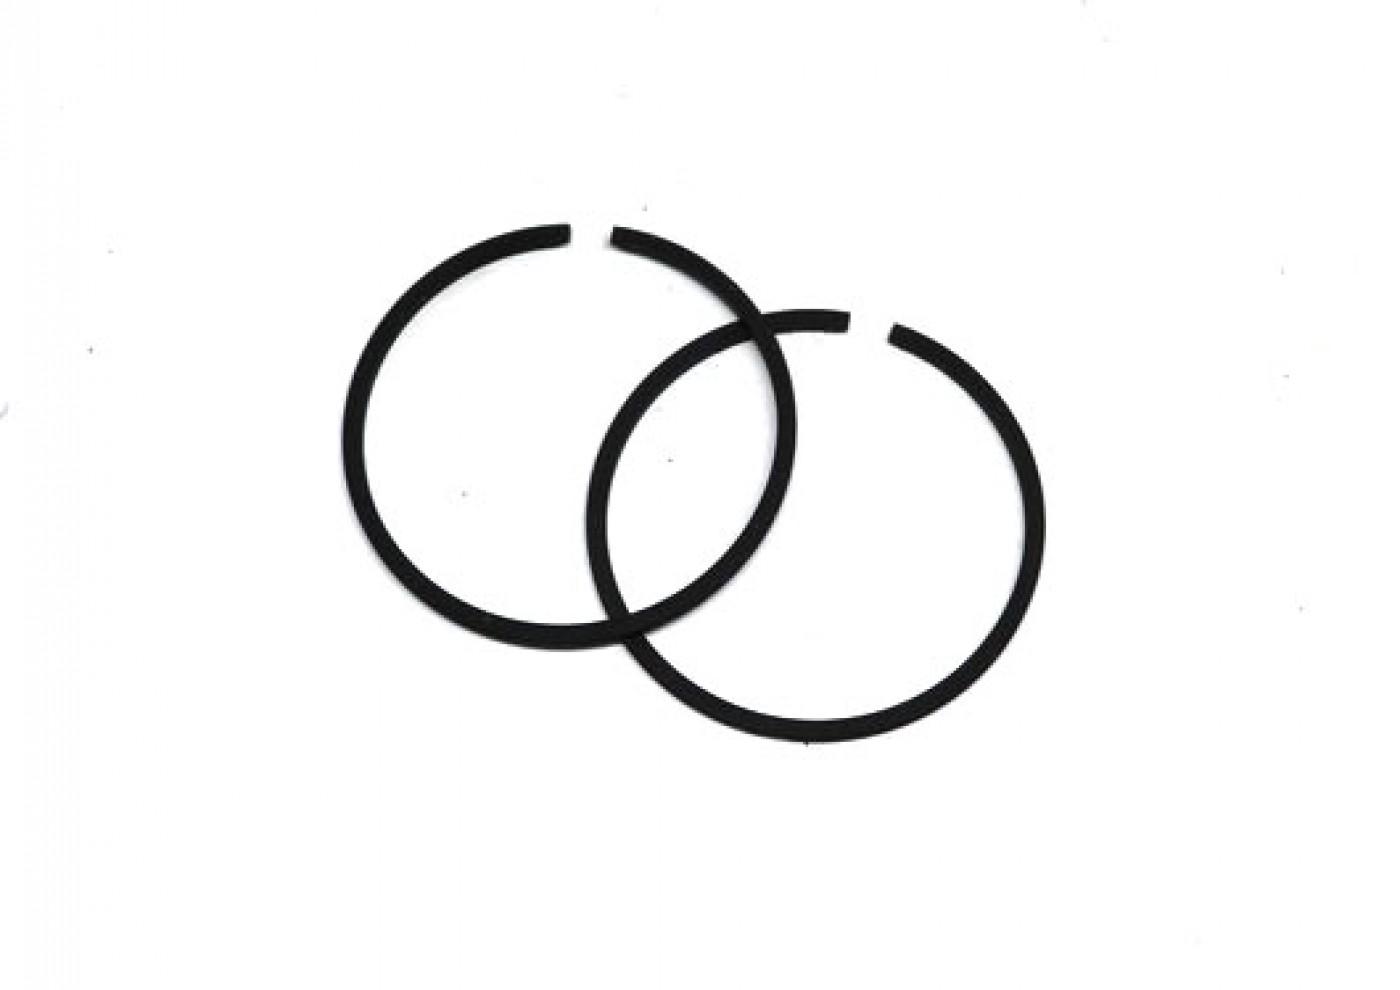 Sada pístních kroužků Stihl MS240 024 - 42 mm